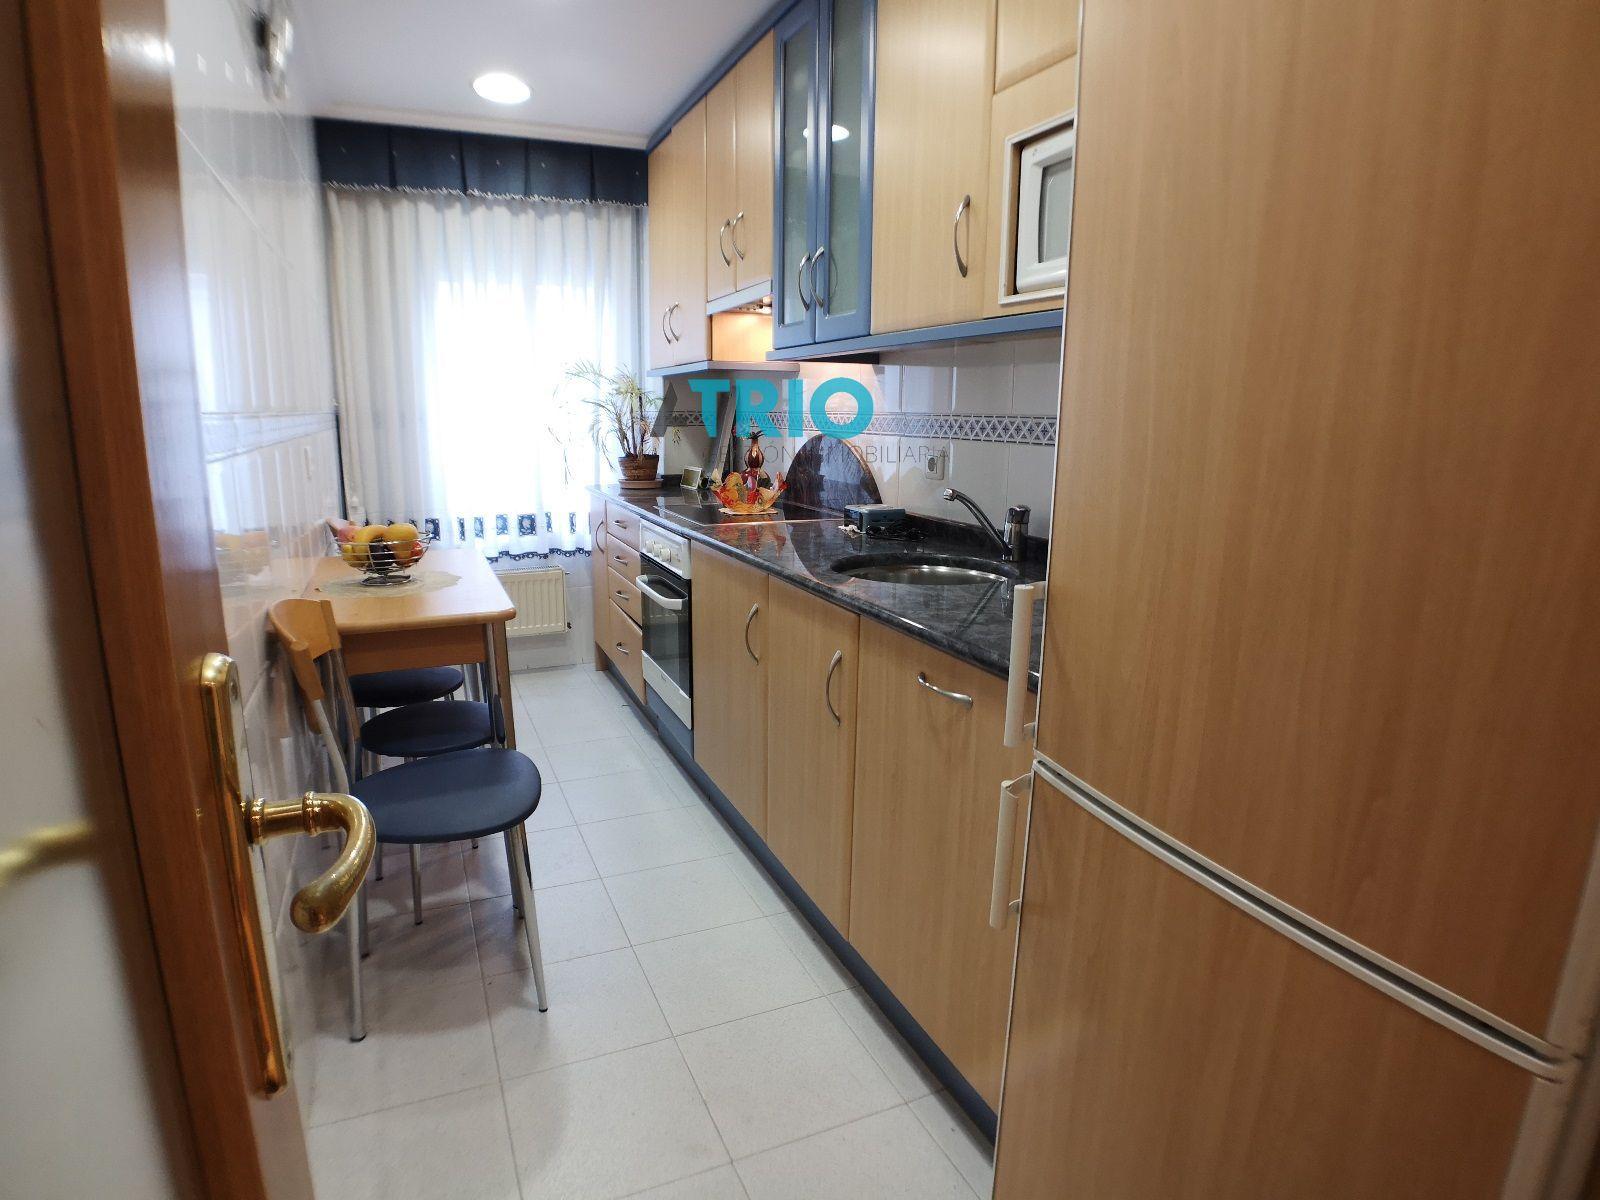 dia.mobiliagestion.es/Portals/inmoatrio/Images/6789/5035085